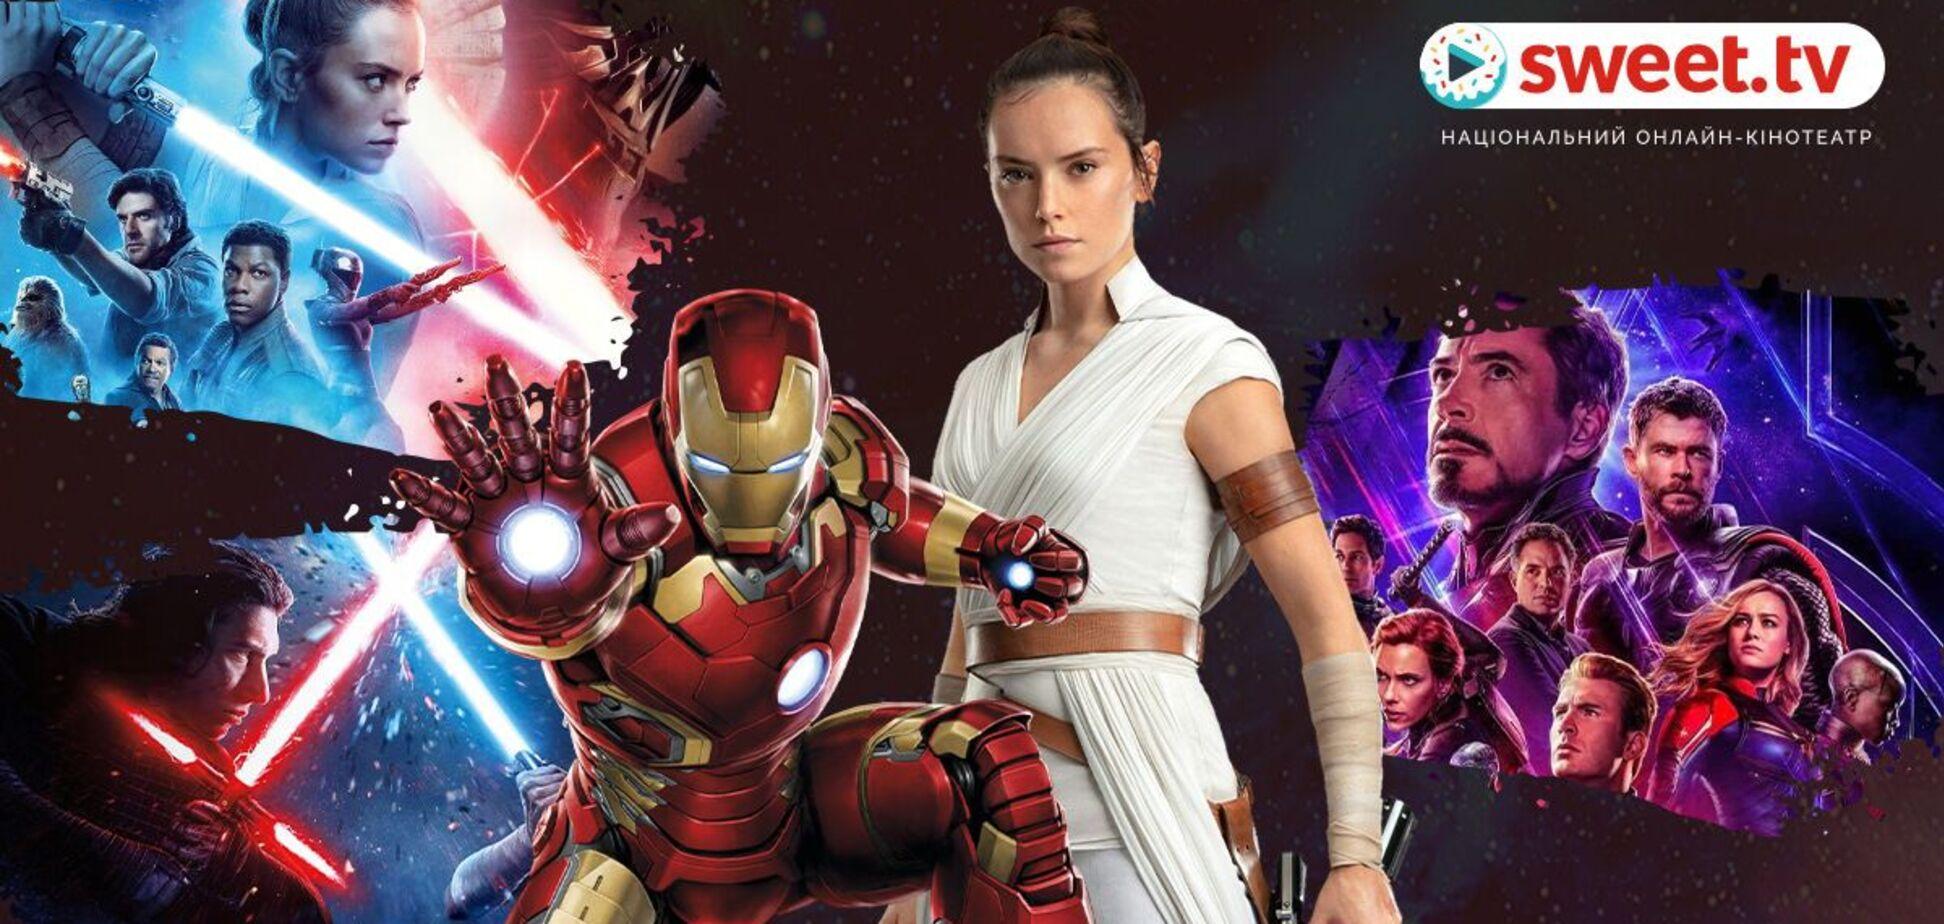 Преміальна угода Disney та SWEET.TV: сервіс оприлюднив рейтинги фільмів франшизи Marvel і саги 'Зоряні Війни'